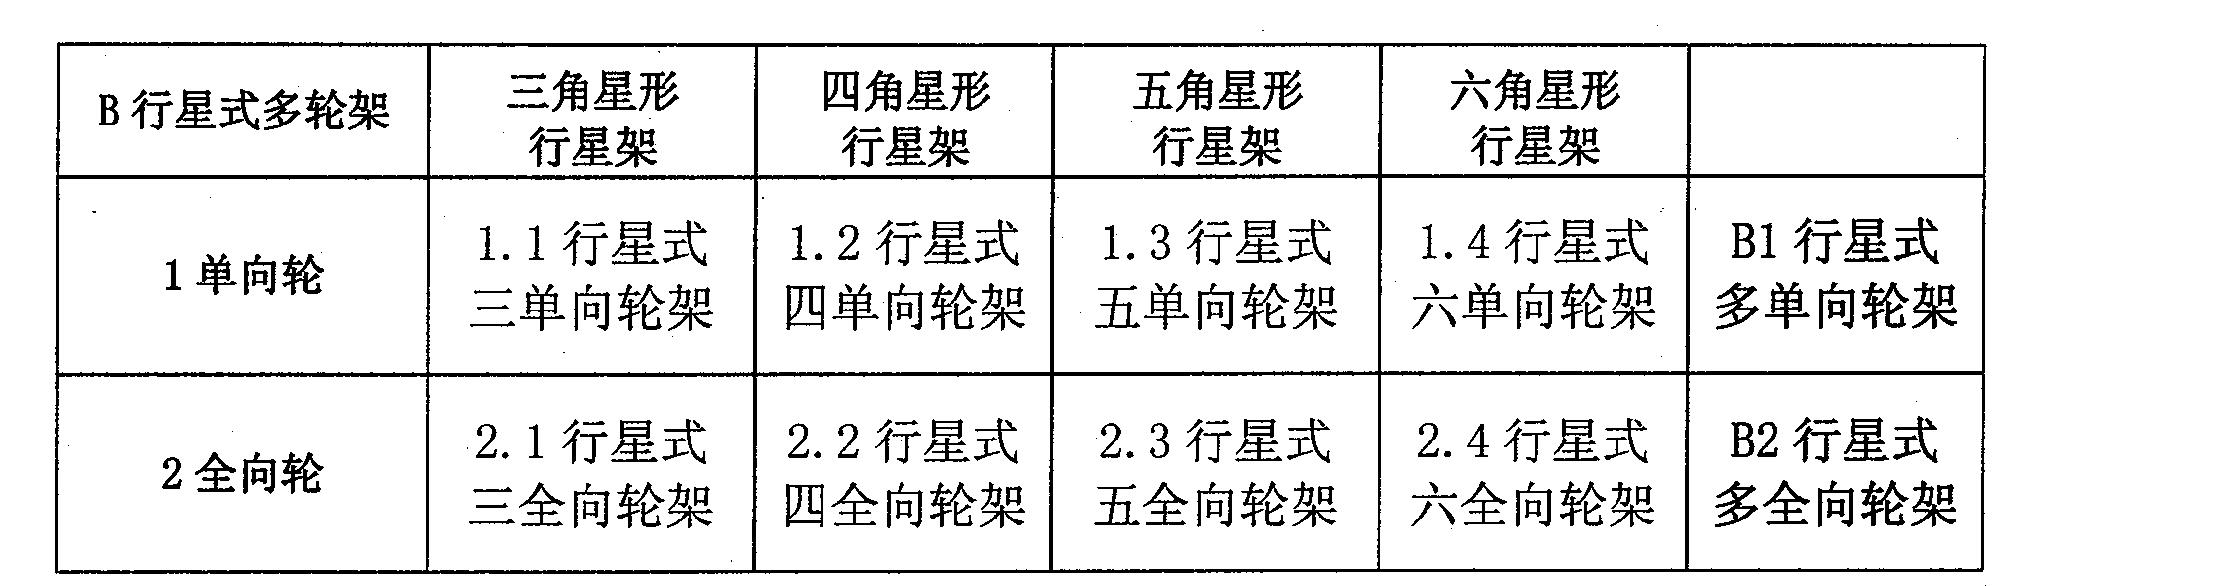 Figure CN103569181AC00022